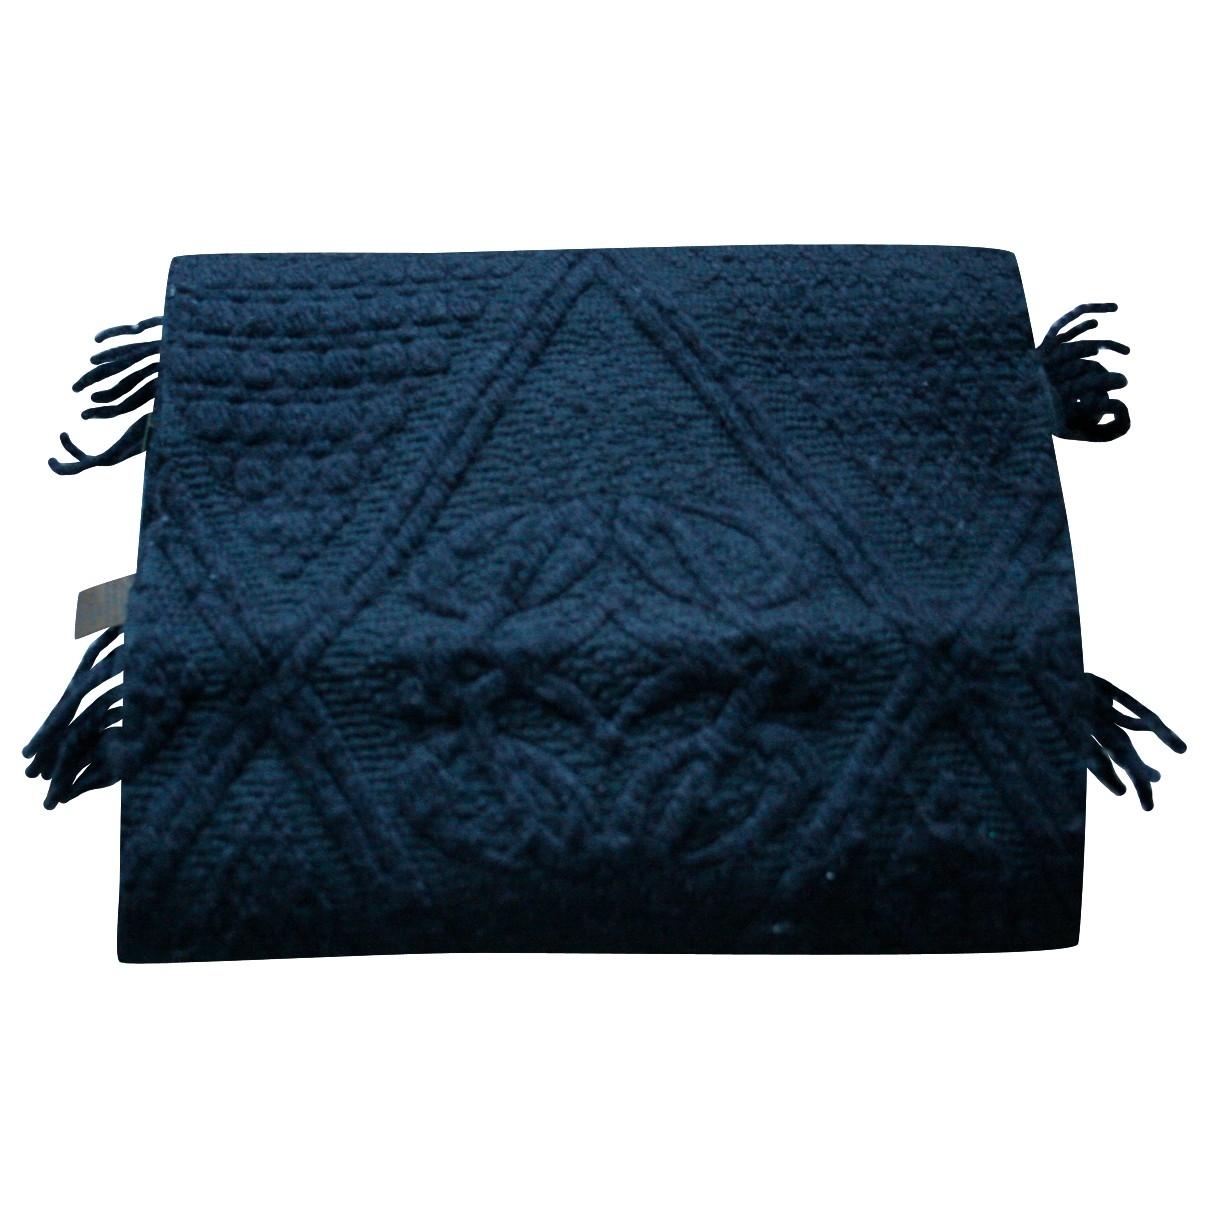 Loewe \N Black Wool scarf for Women \N